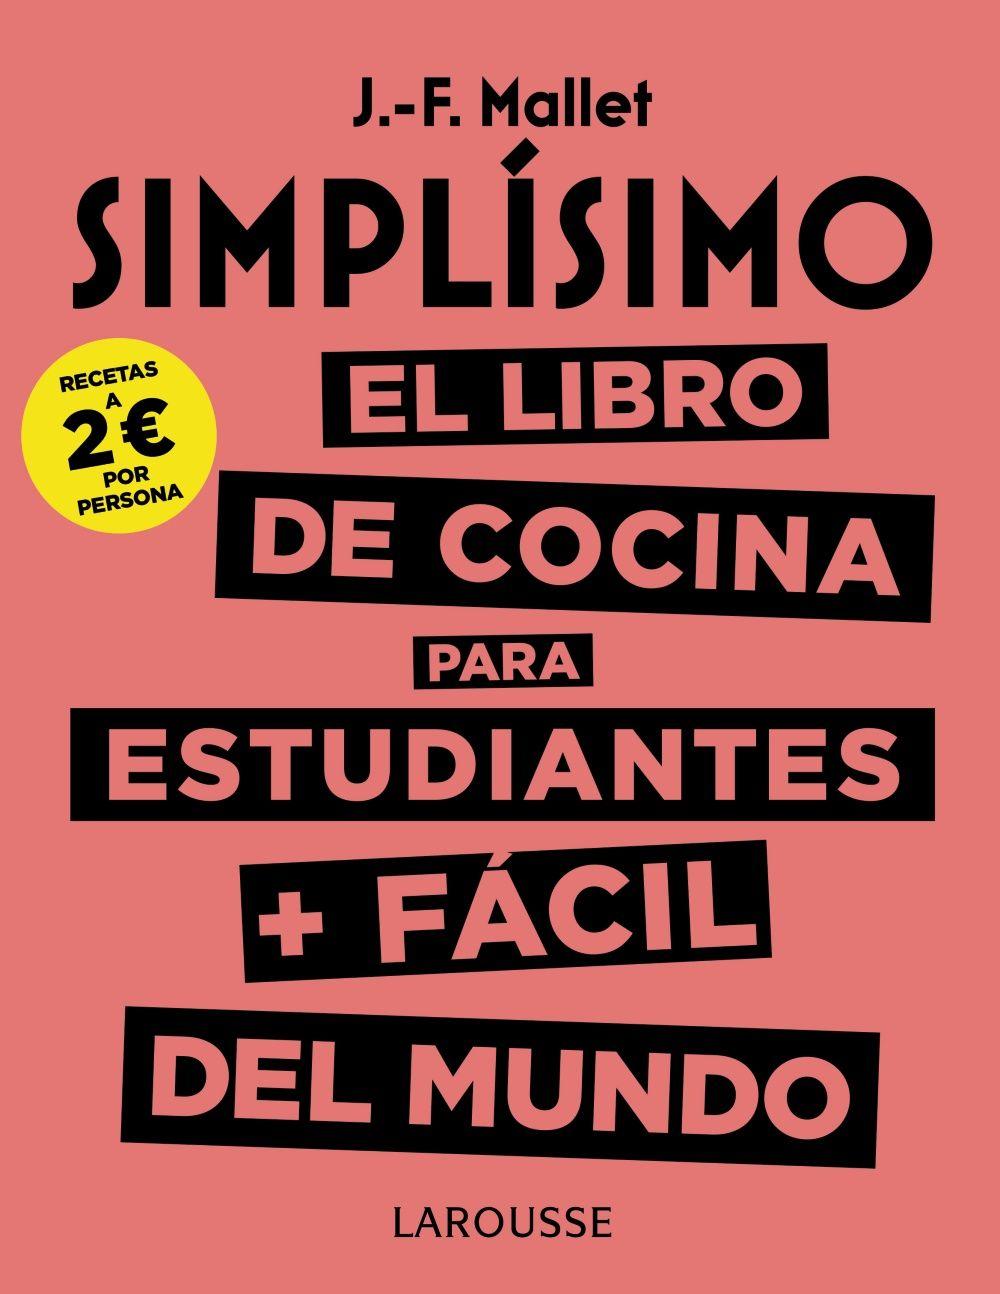 SIMPLISIMO EL LIBRO DE COCINA PARA ESTUDIANTES